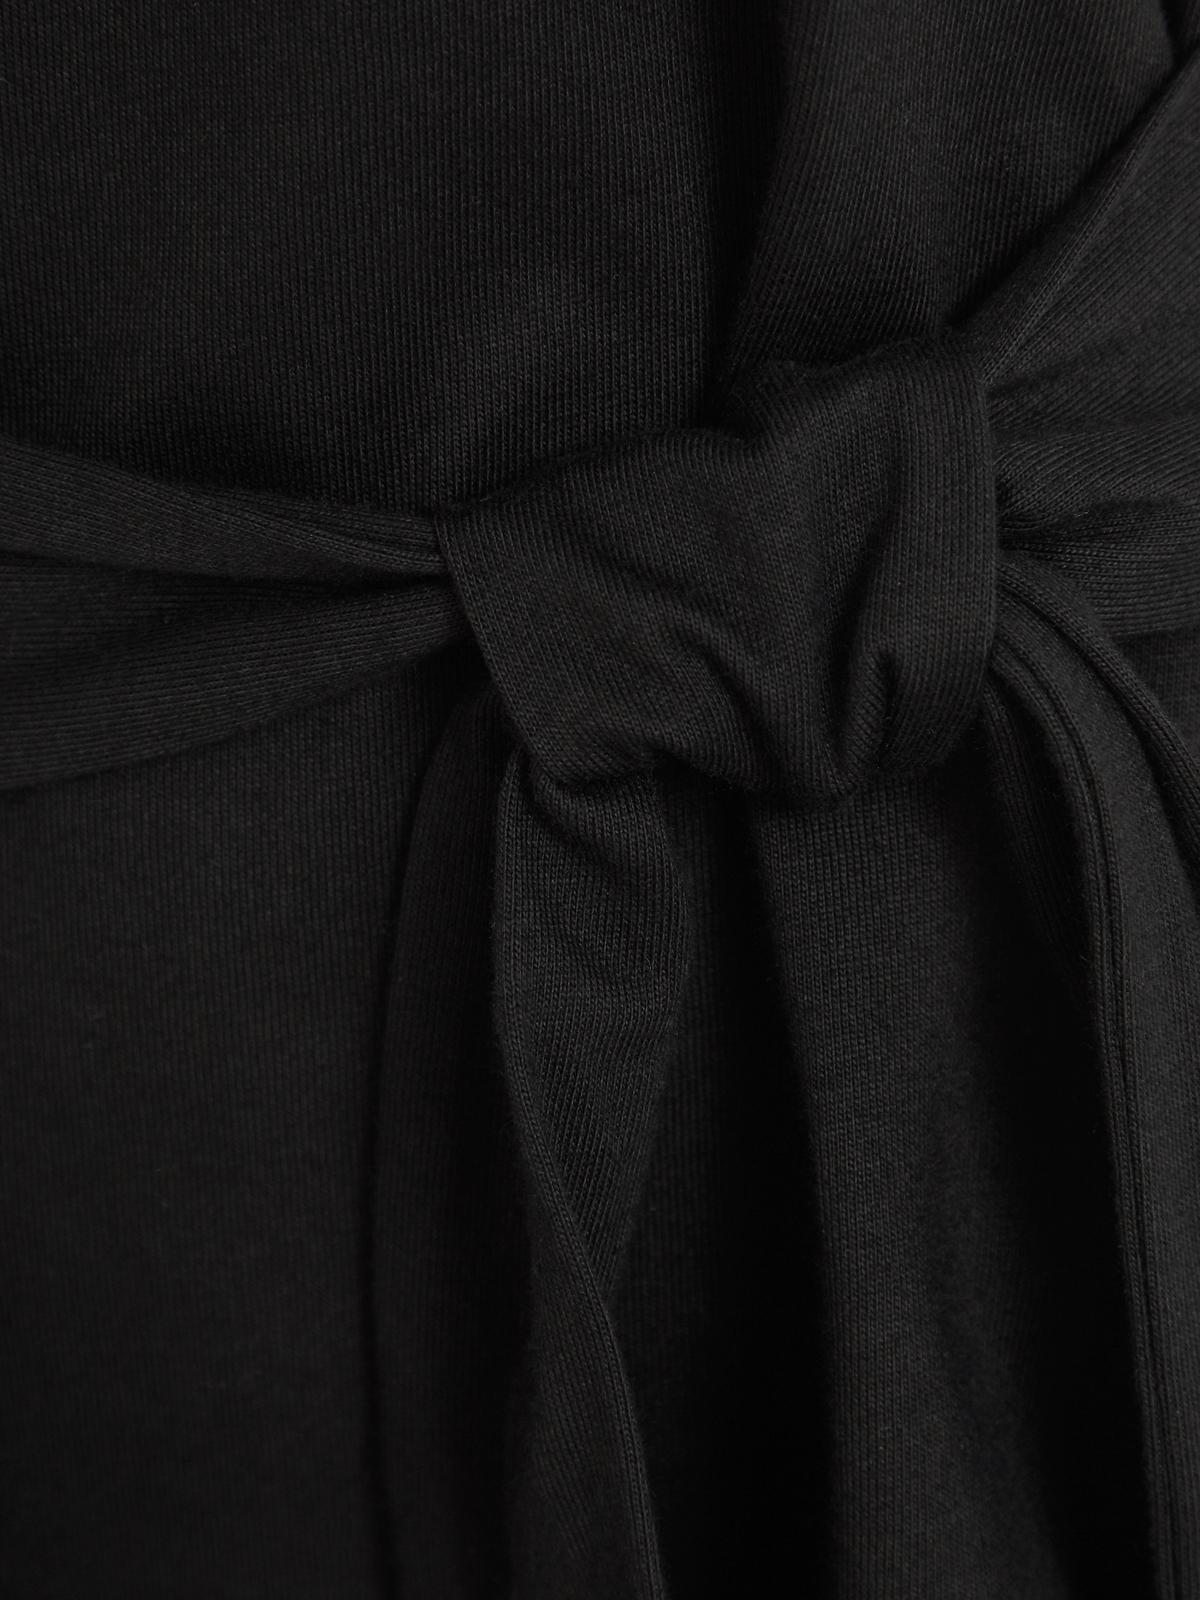 Waist Tie Tee Black